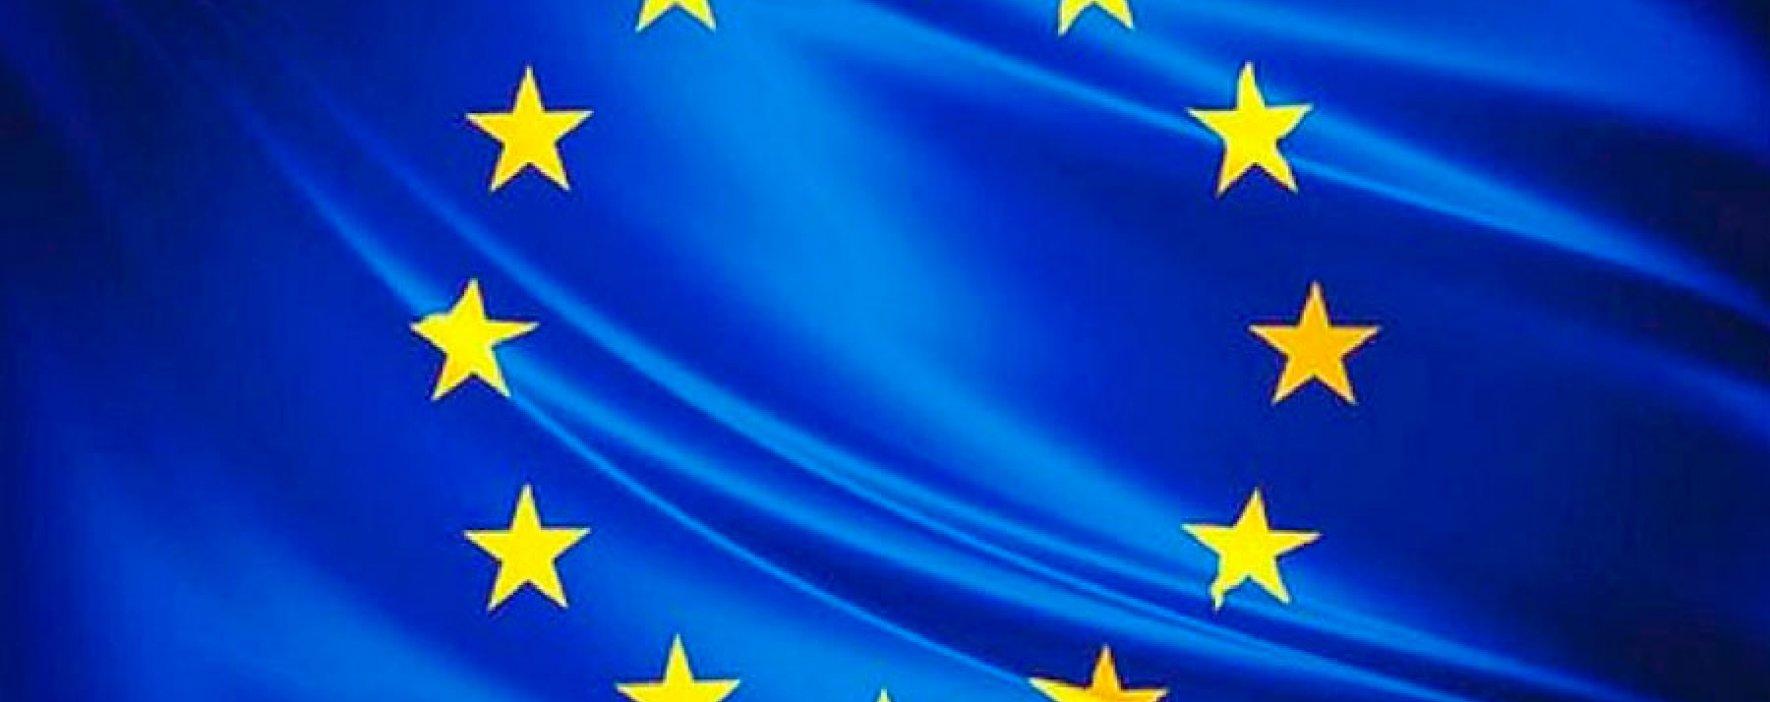 Unión Europea seguirá apoyando a Colombia en la construcción de la paz: Federica Mogherini